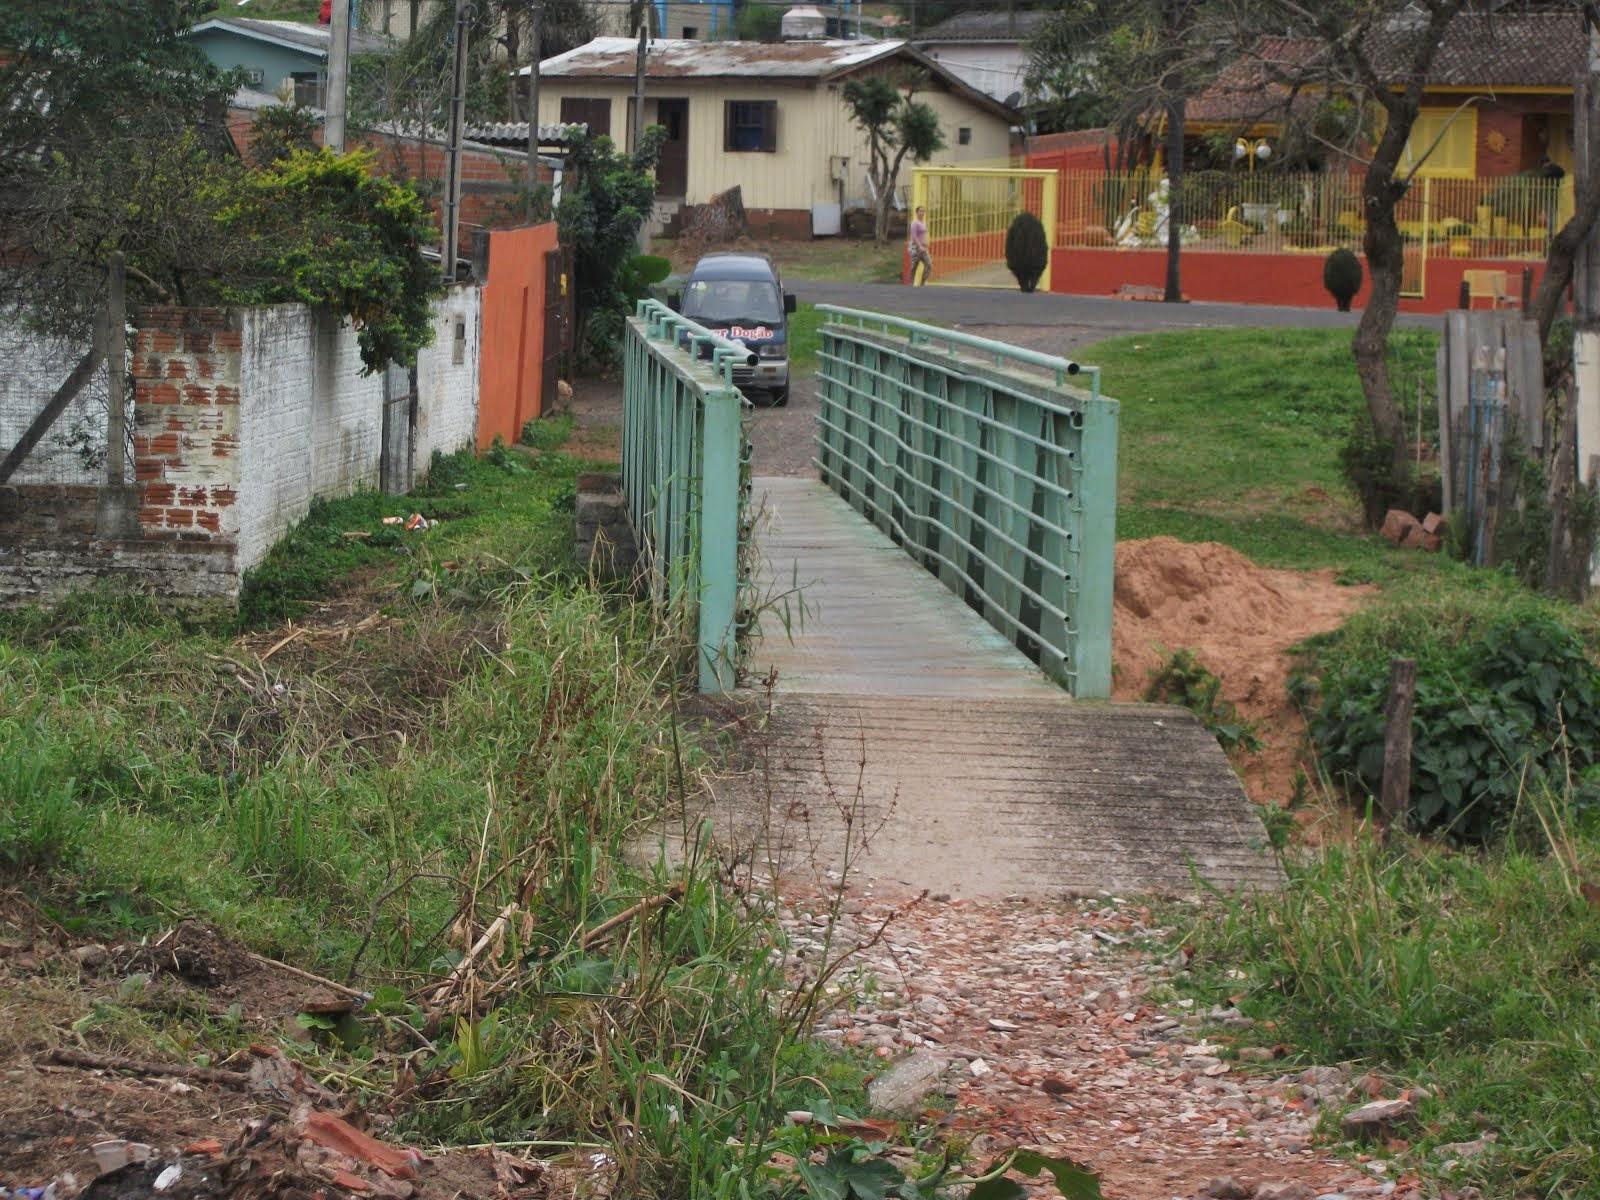 VEREADOR PEDE MELHORIAS NO RIO BRANCO